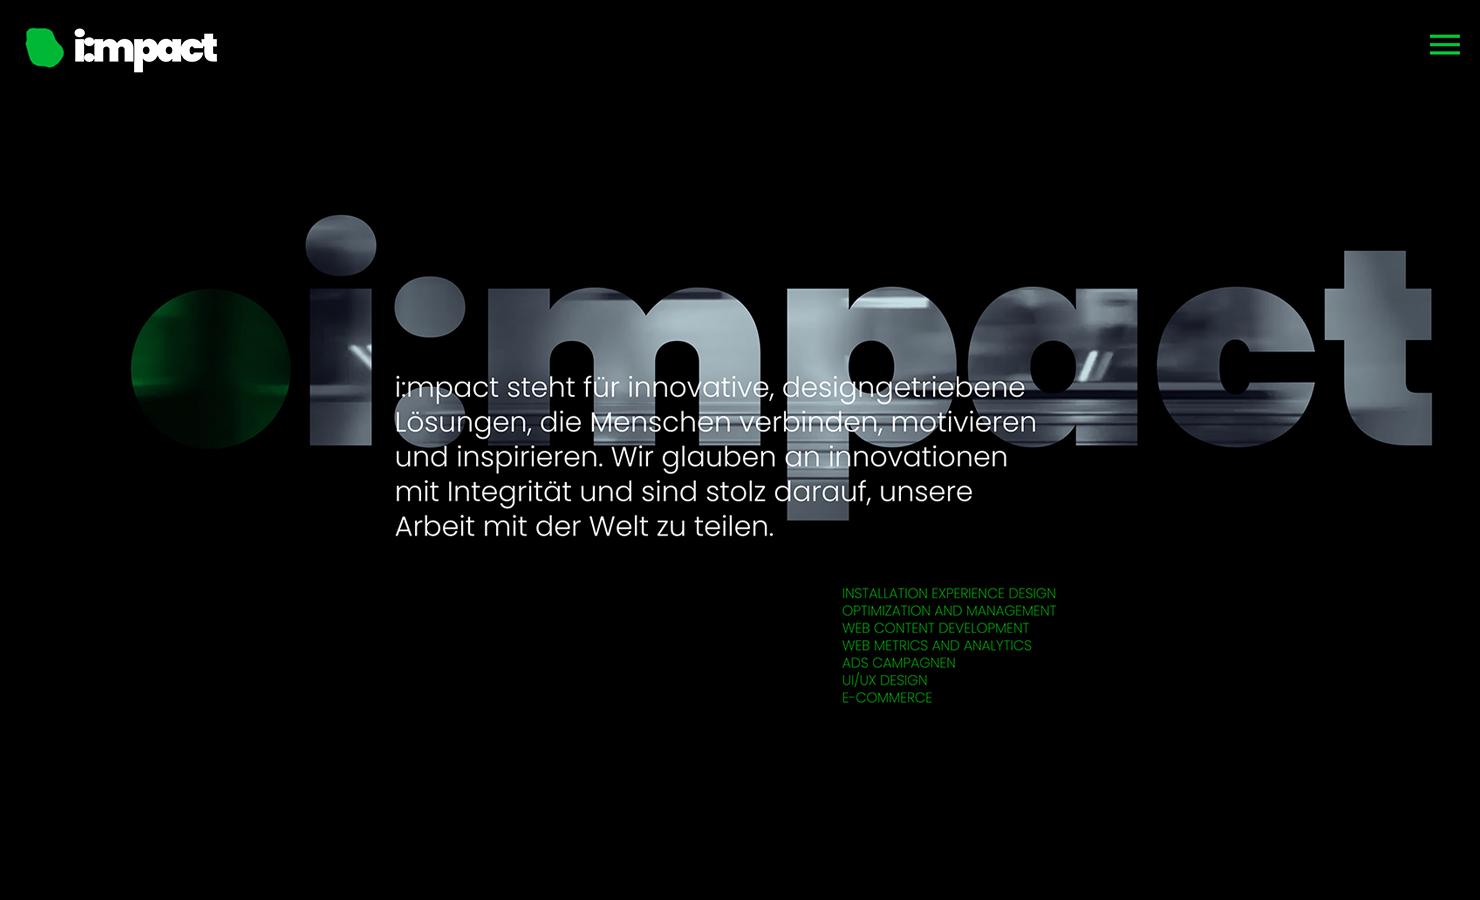 impact digital agency